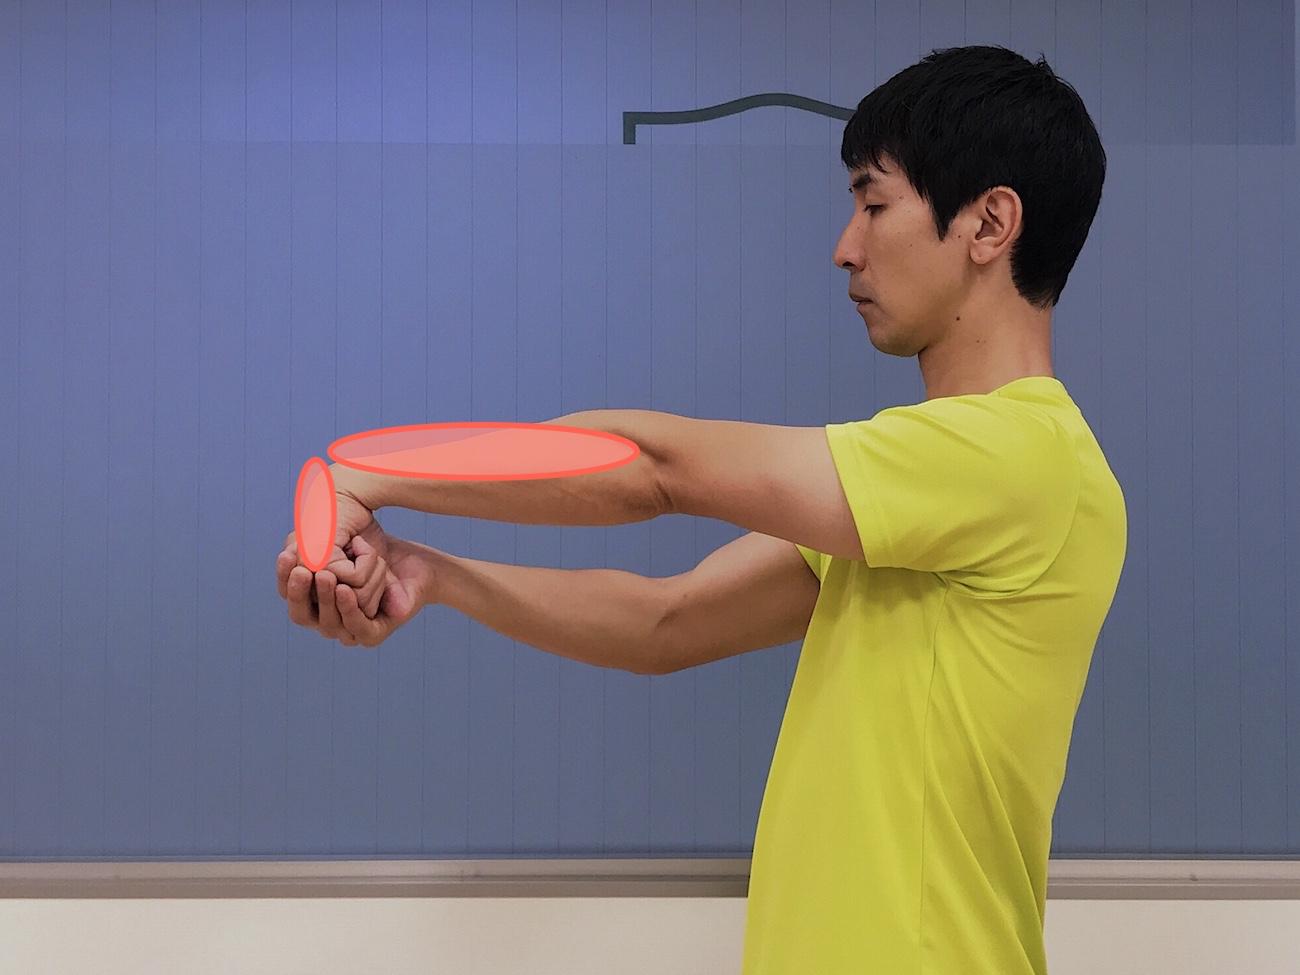 手の甲〜腕の筋肉(前腕伸筋群)のストレッチで伸びる部位